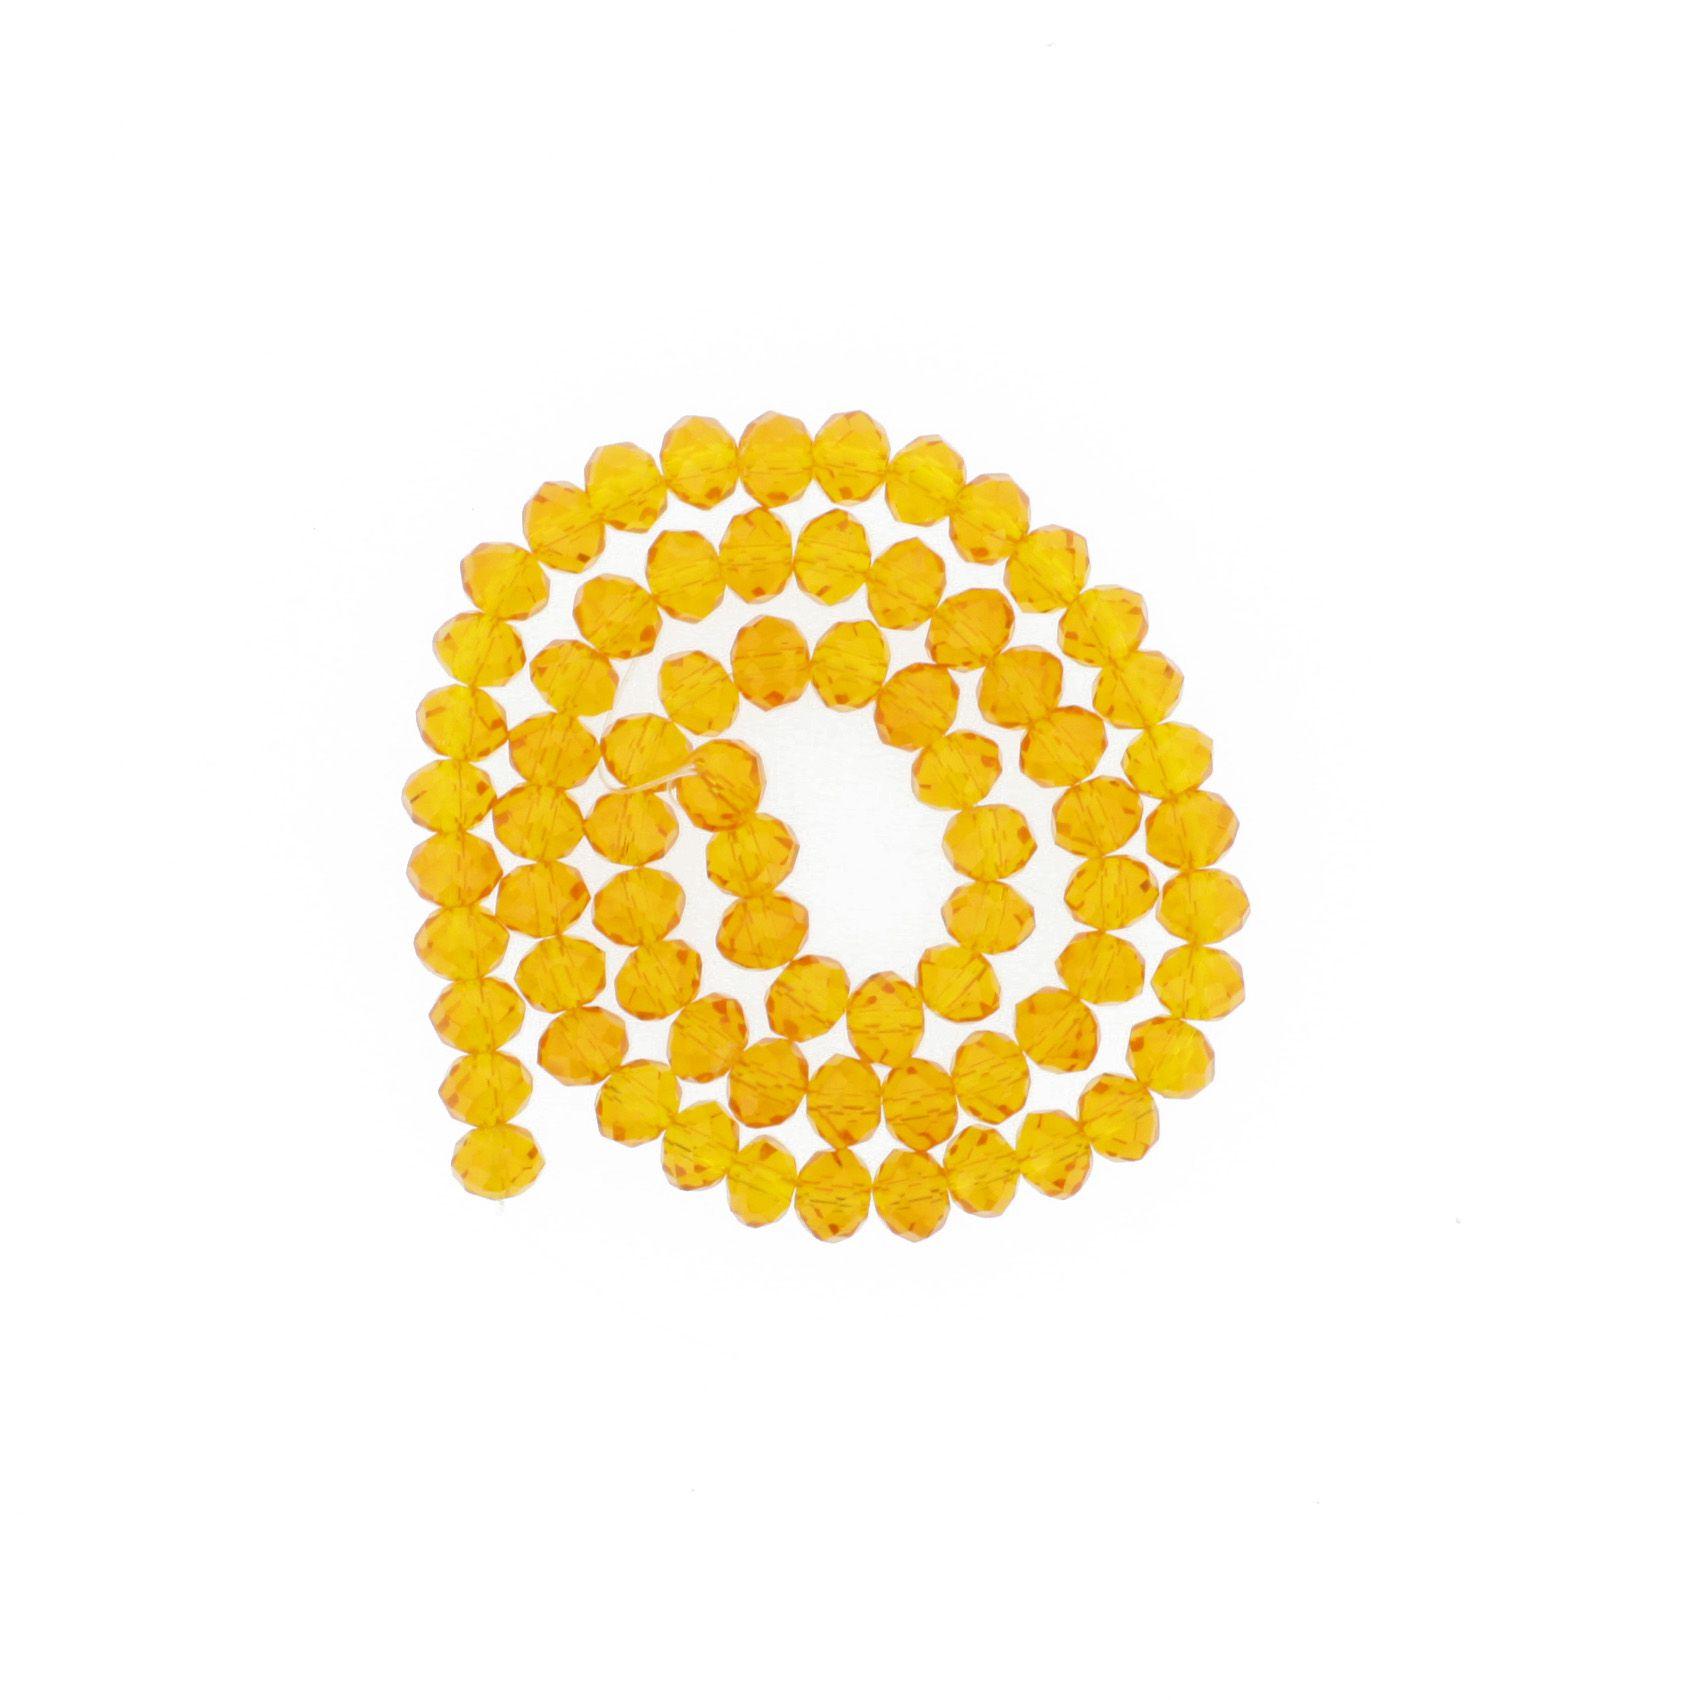 Fio de Cristal - Piatto® - Laranja Transparente - 8mm  - Universo Religioso® - Artigos de Umbanda e Candomblé